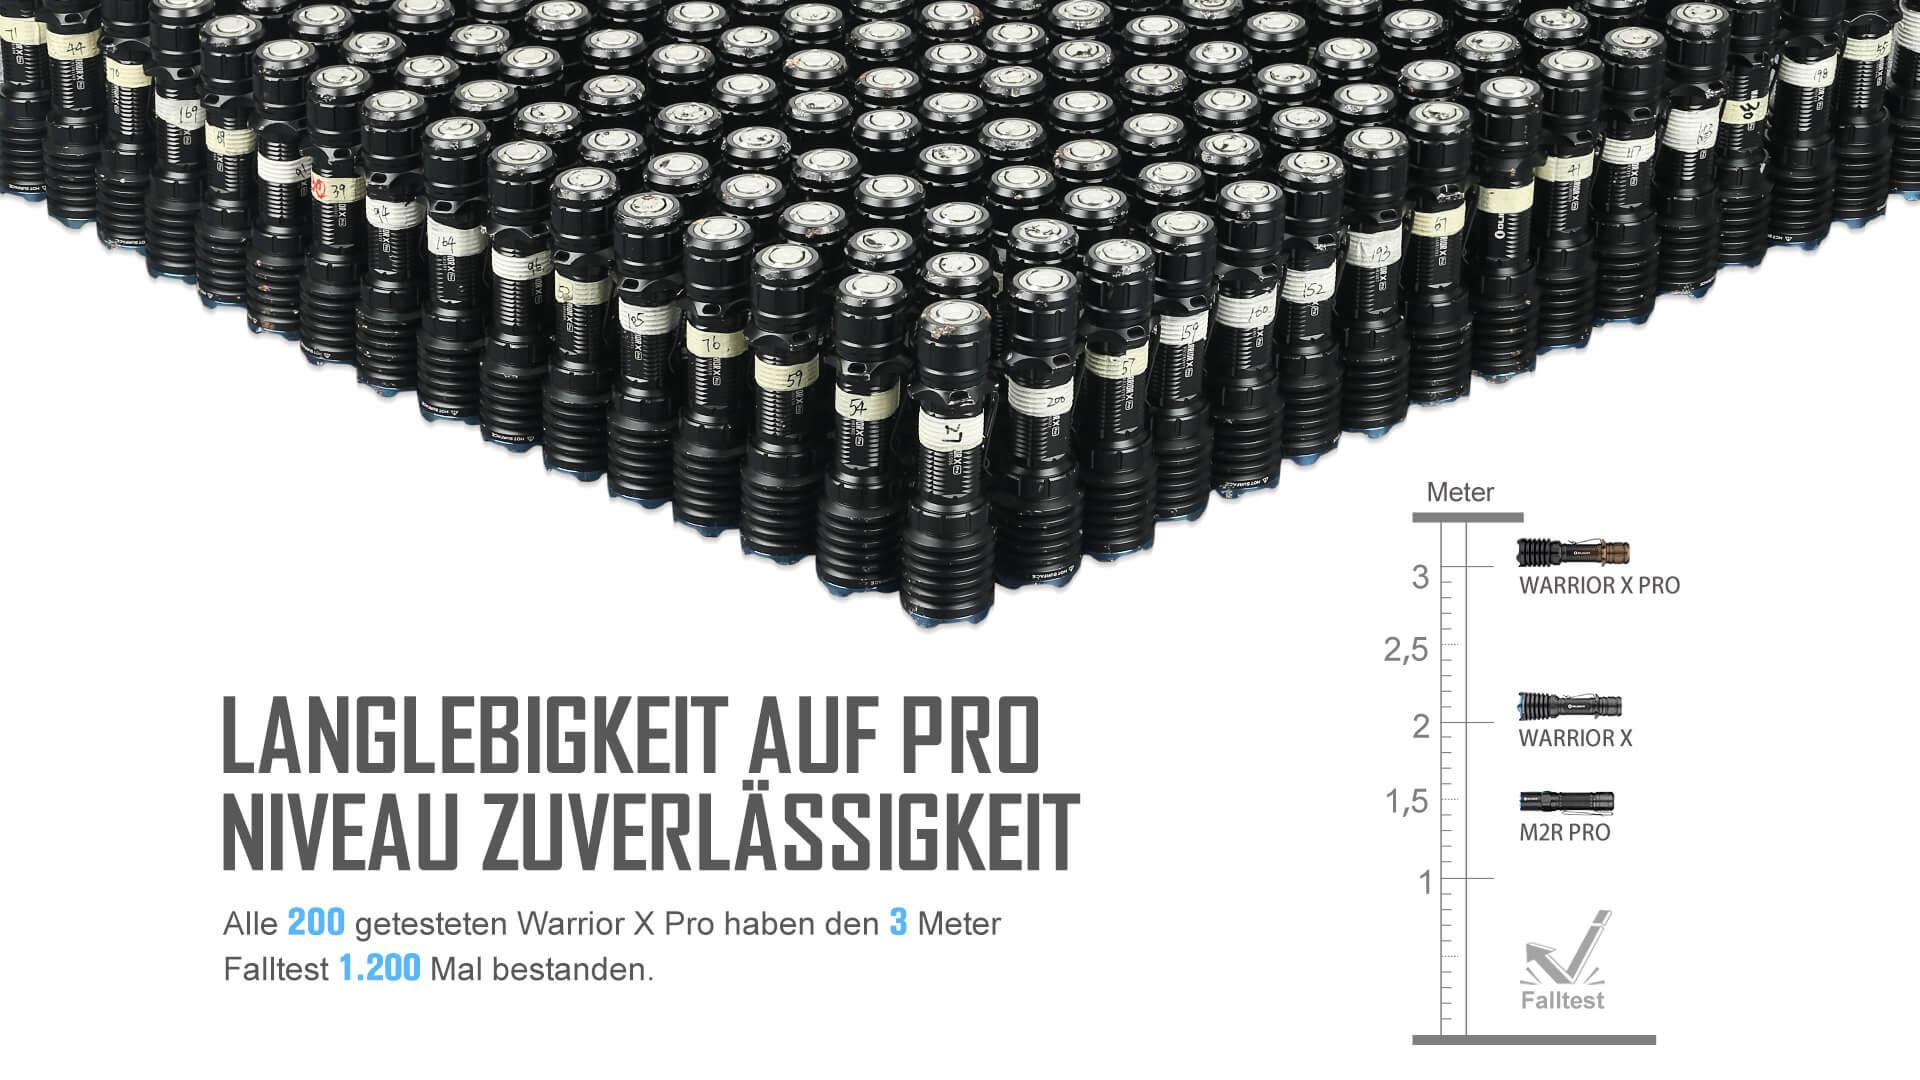 200 Warrior X Pro wurden 1200x aus 3m Höhe fallen gelassen – alle haben den Test ohne Probleme bestanden.